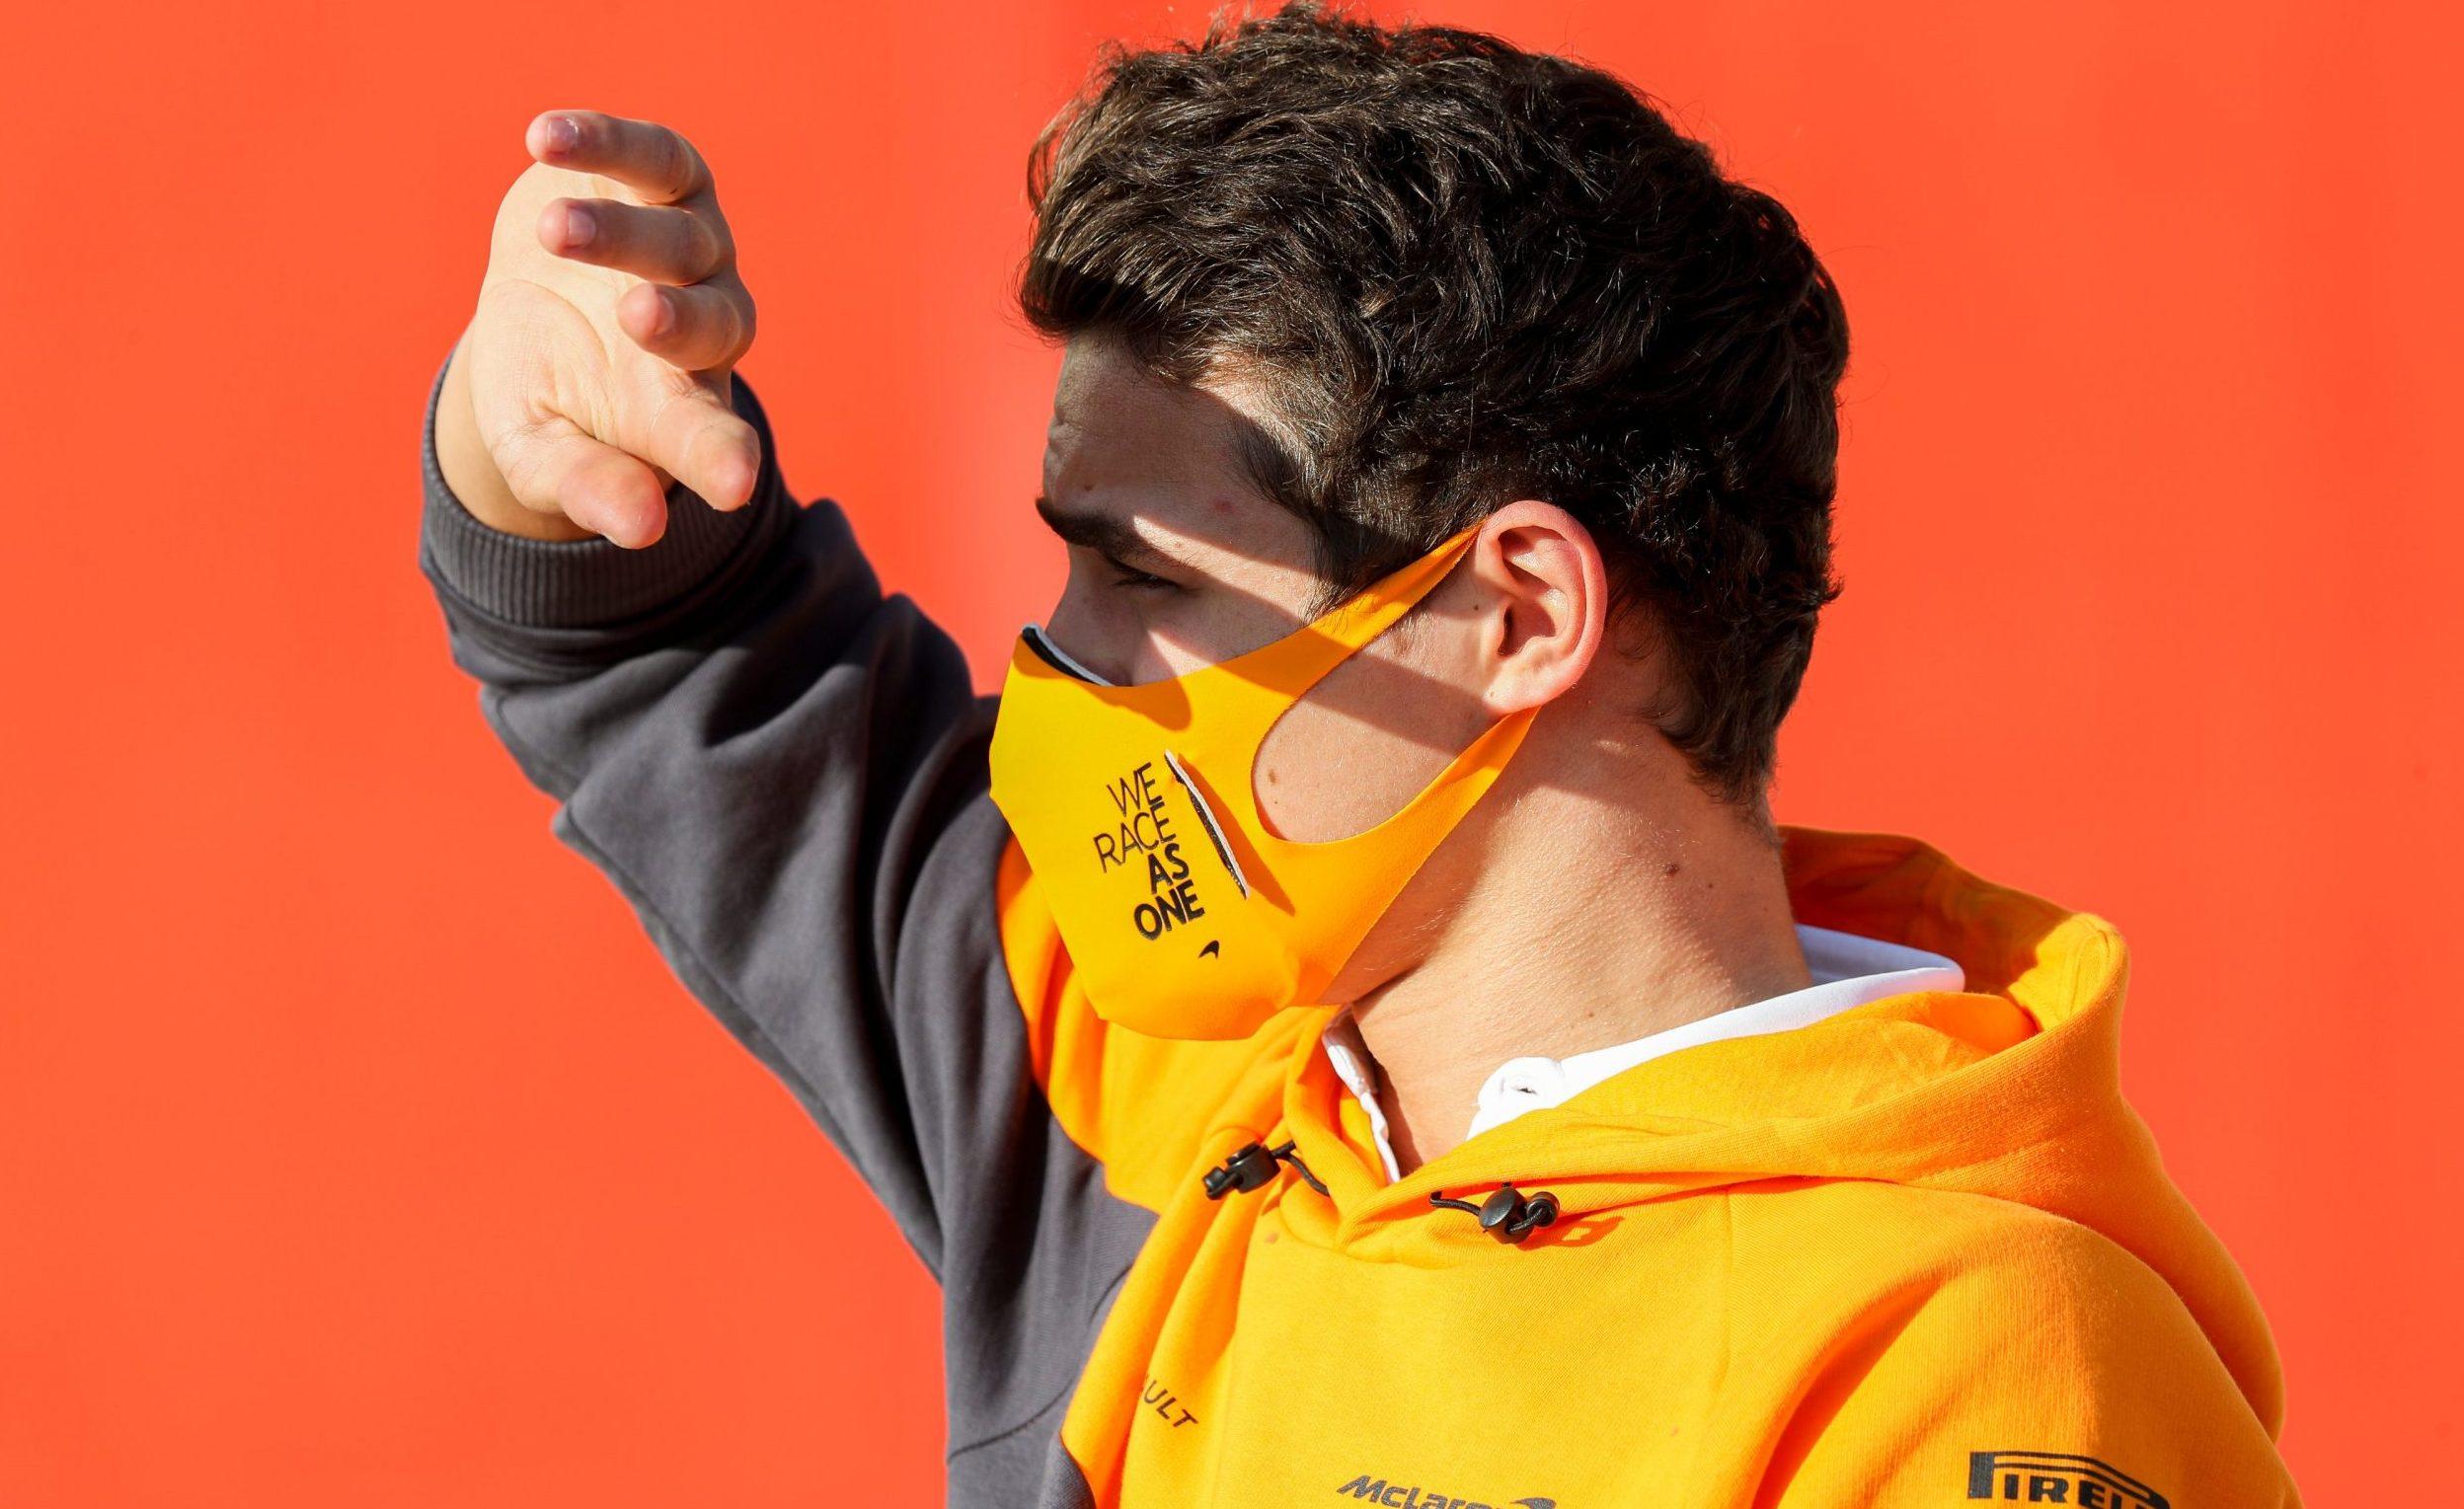 F1 - Norris explique à qui étaient adressées ses excuses sur les réseaux sociaux